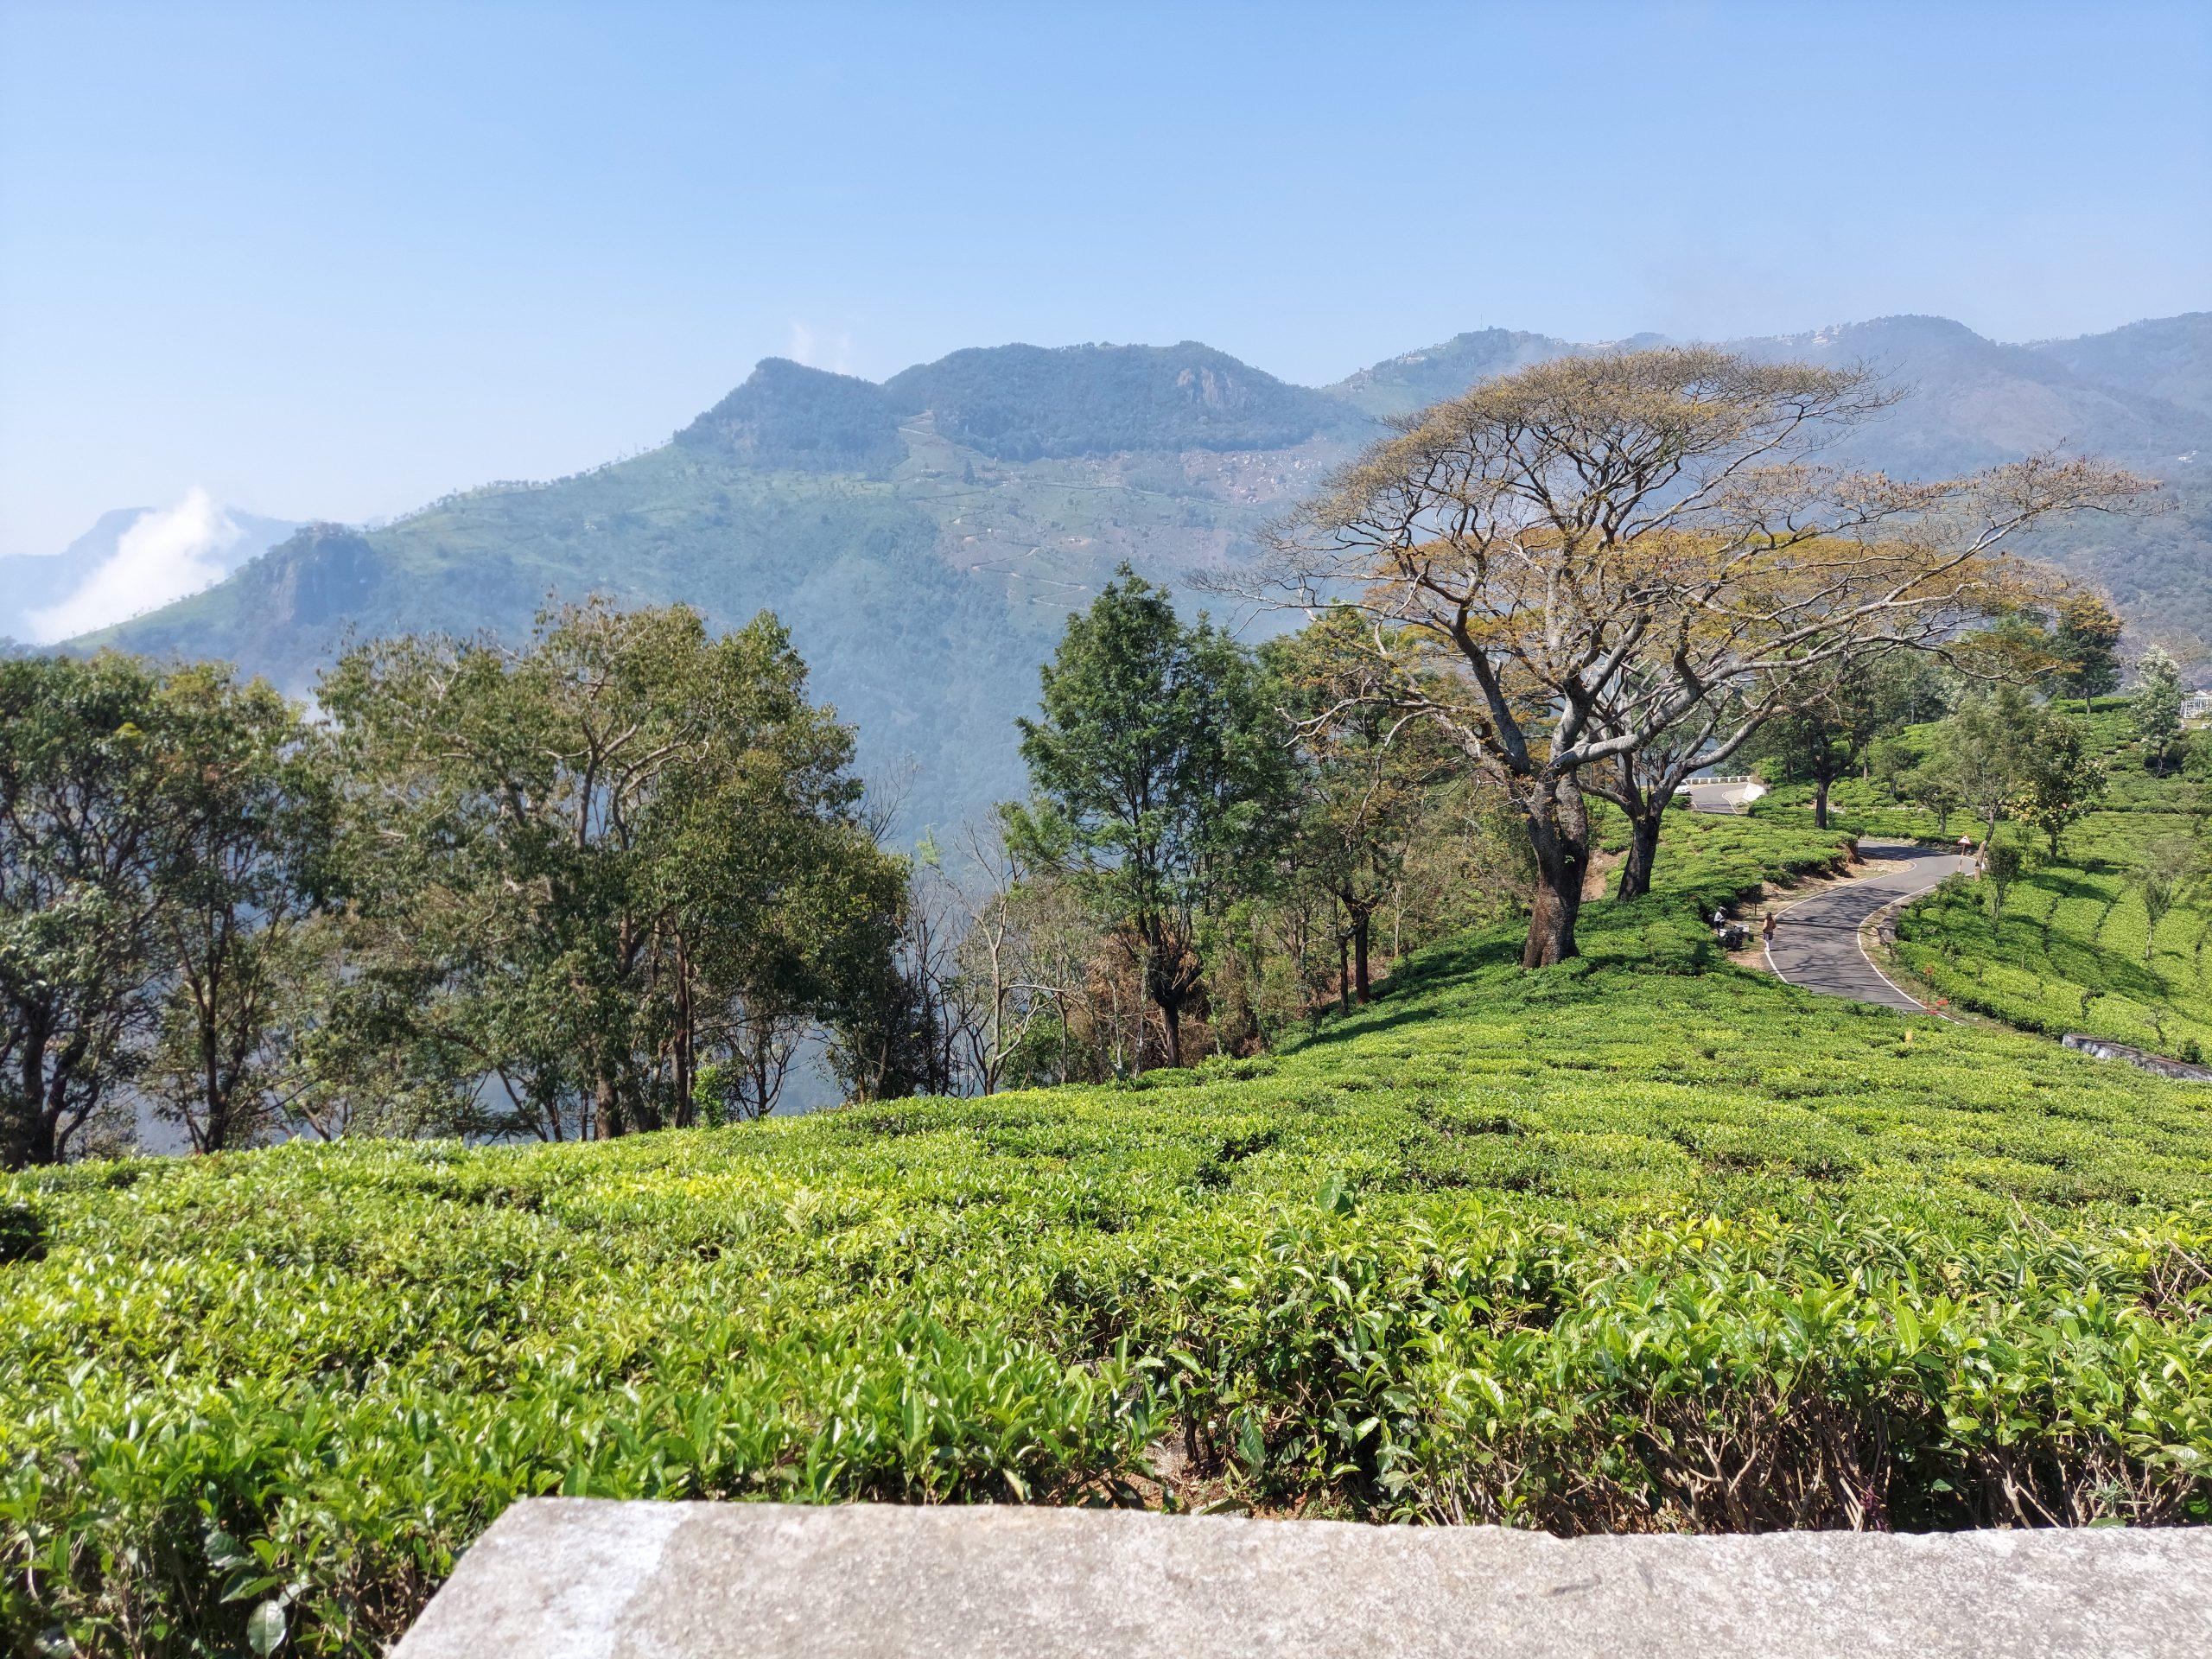 Greenery of mountains in Nilgiris